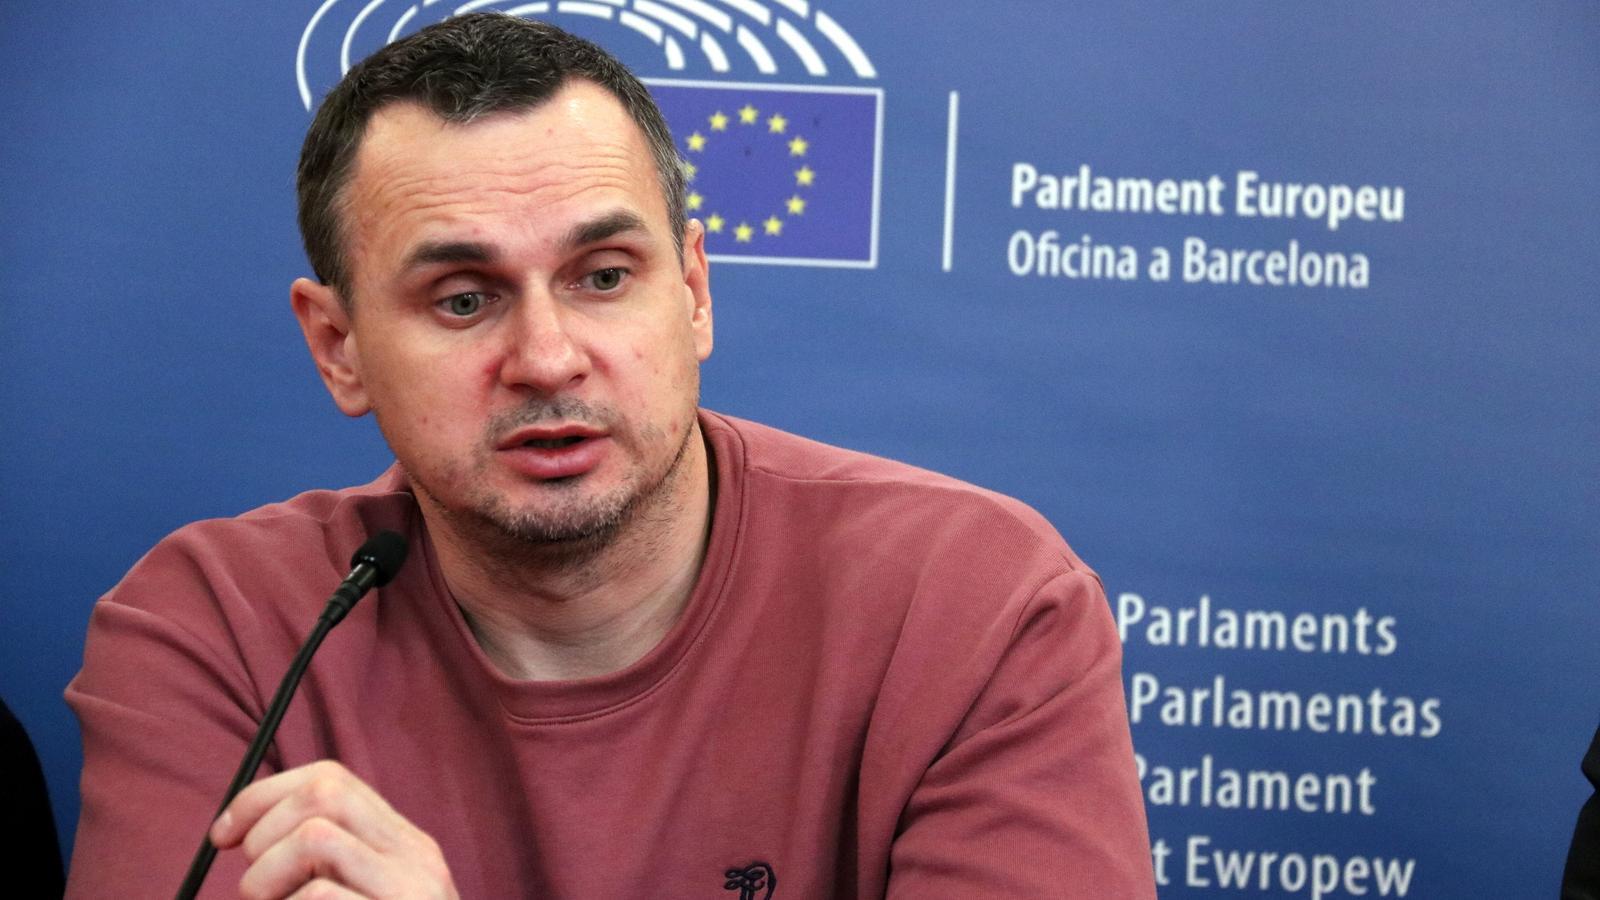 """Oleg Sentsov: """"A Rússia no existeixen els judicis justos"""""""